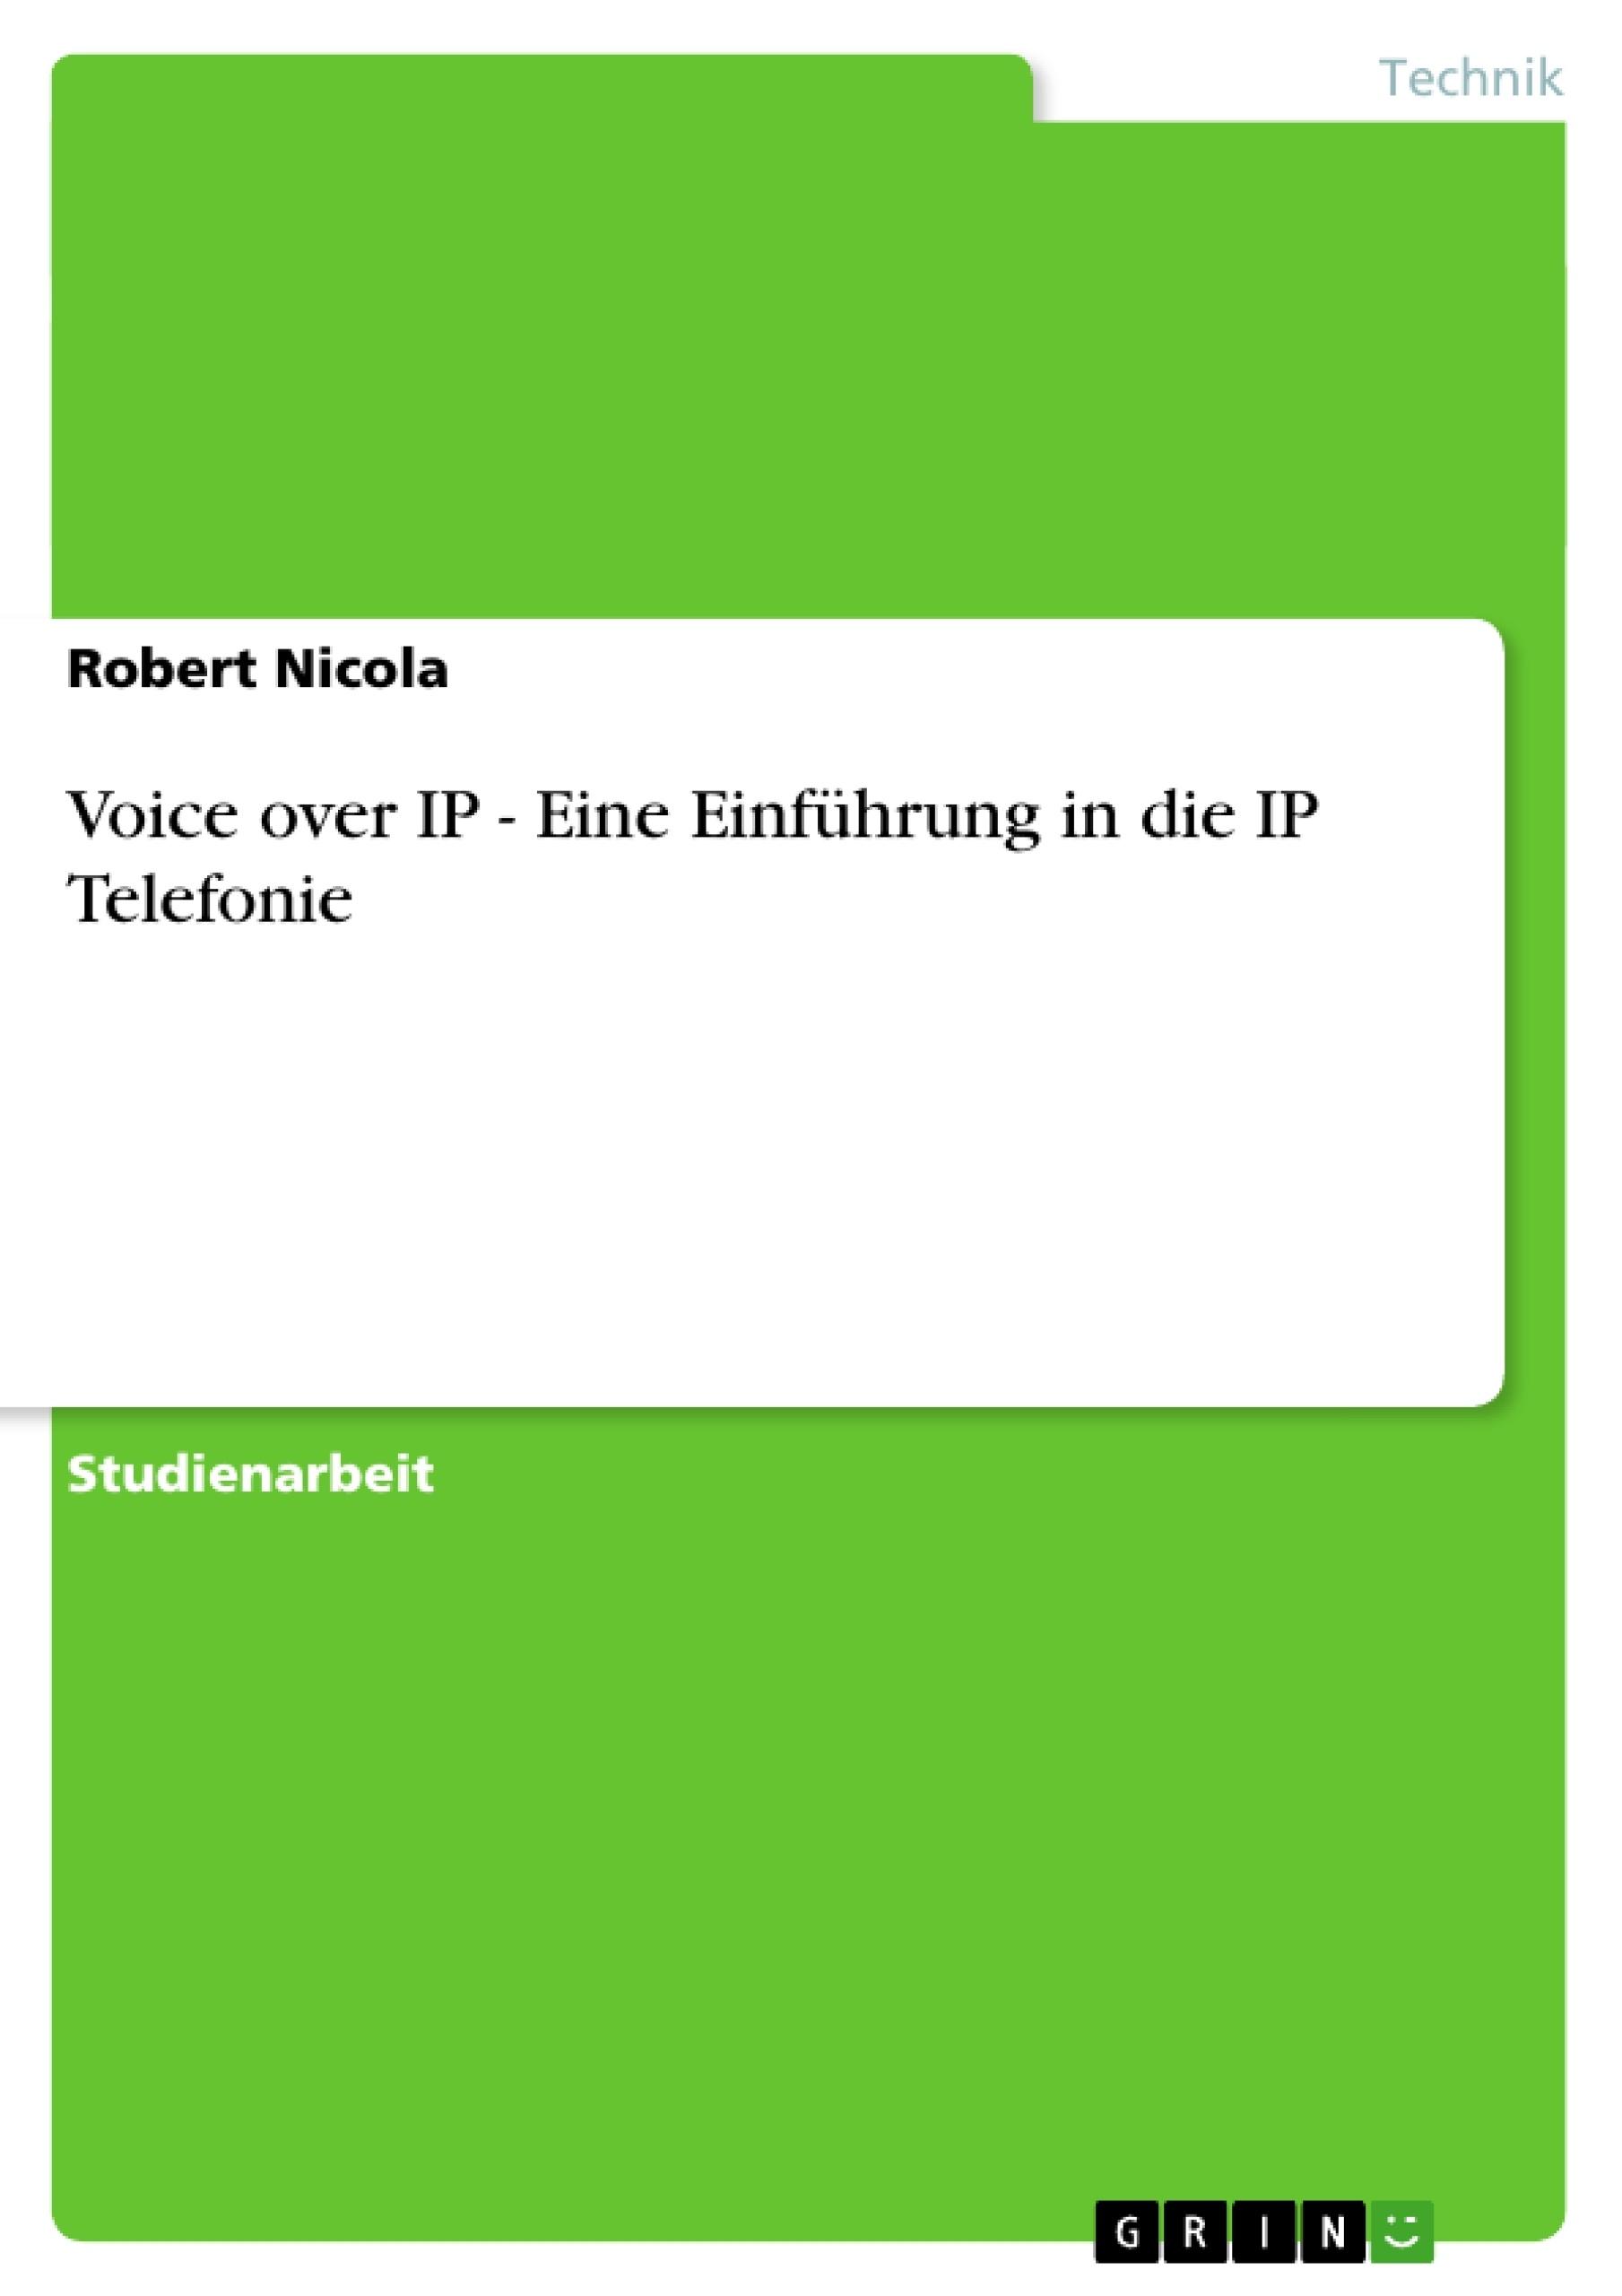 Titel: Voice over IP - Eine Einführung in die IP Telefonie